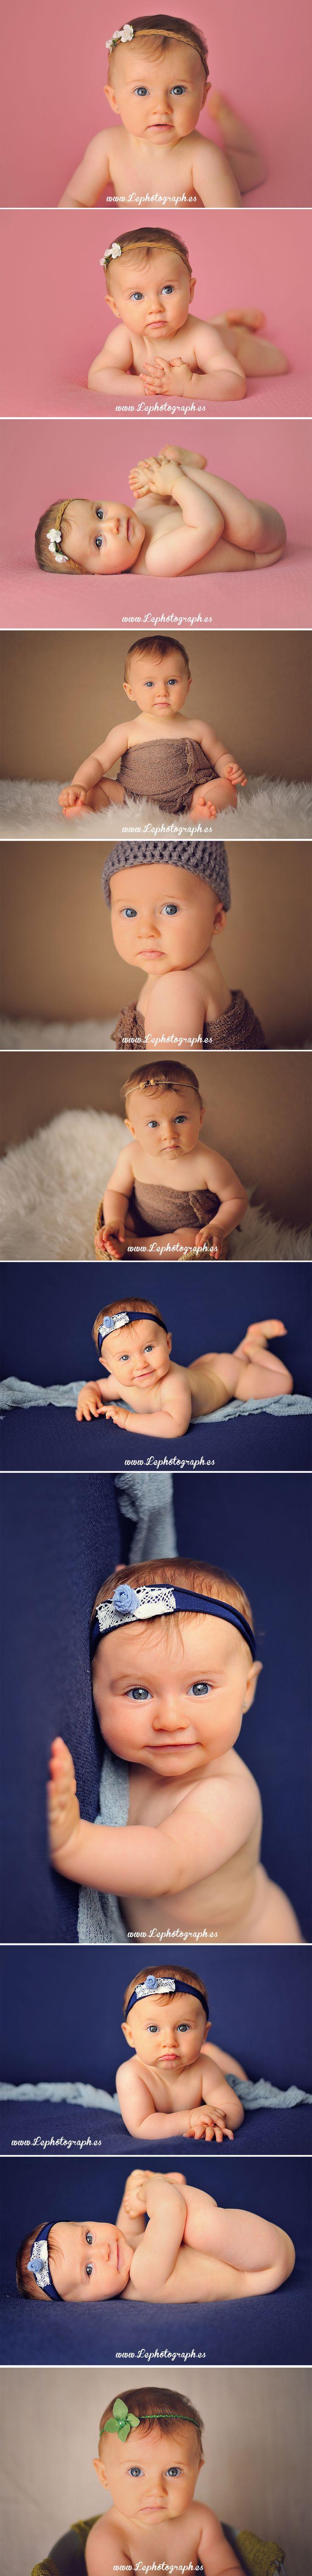 8 meses: Fotografos - Fotografía de bebés en España 8 months: Photographers - Baby photography in Spain